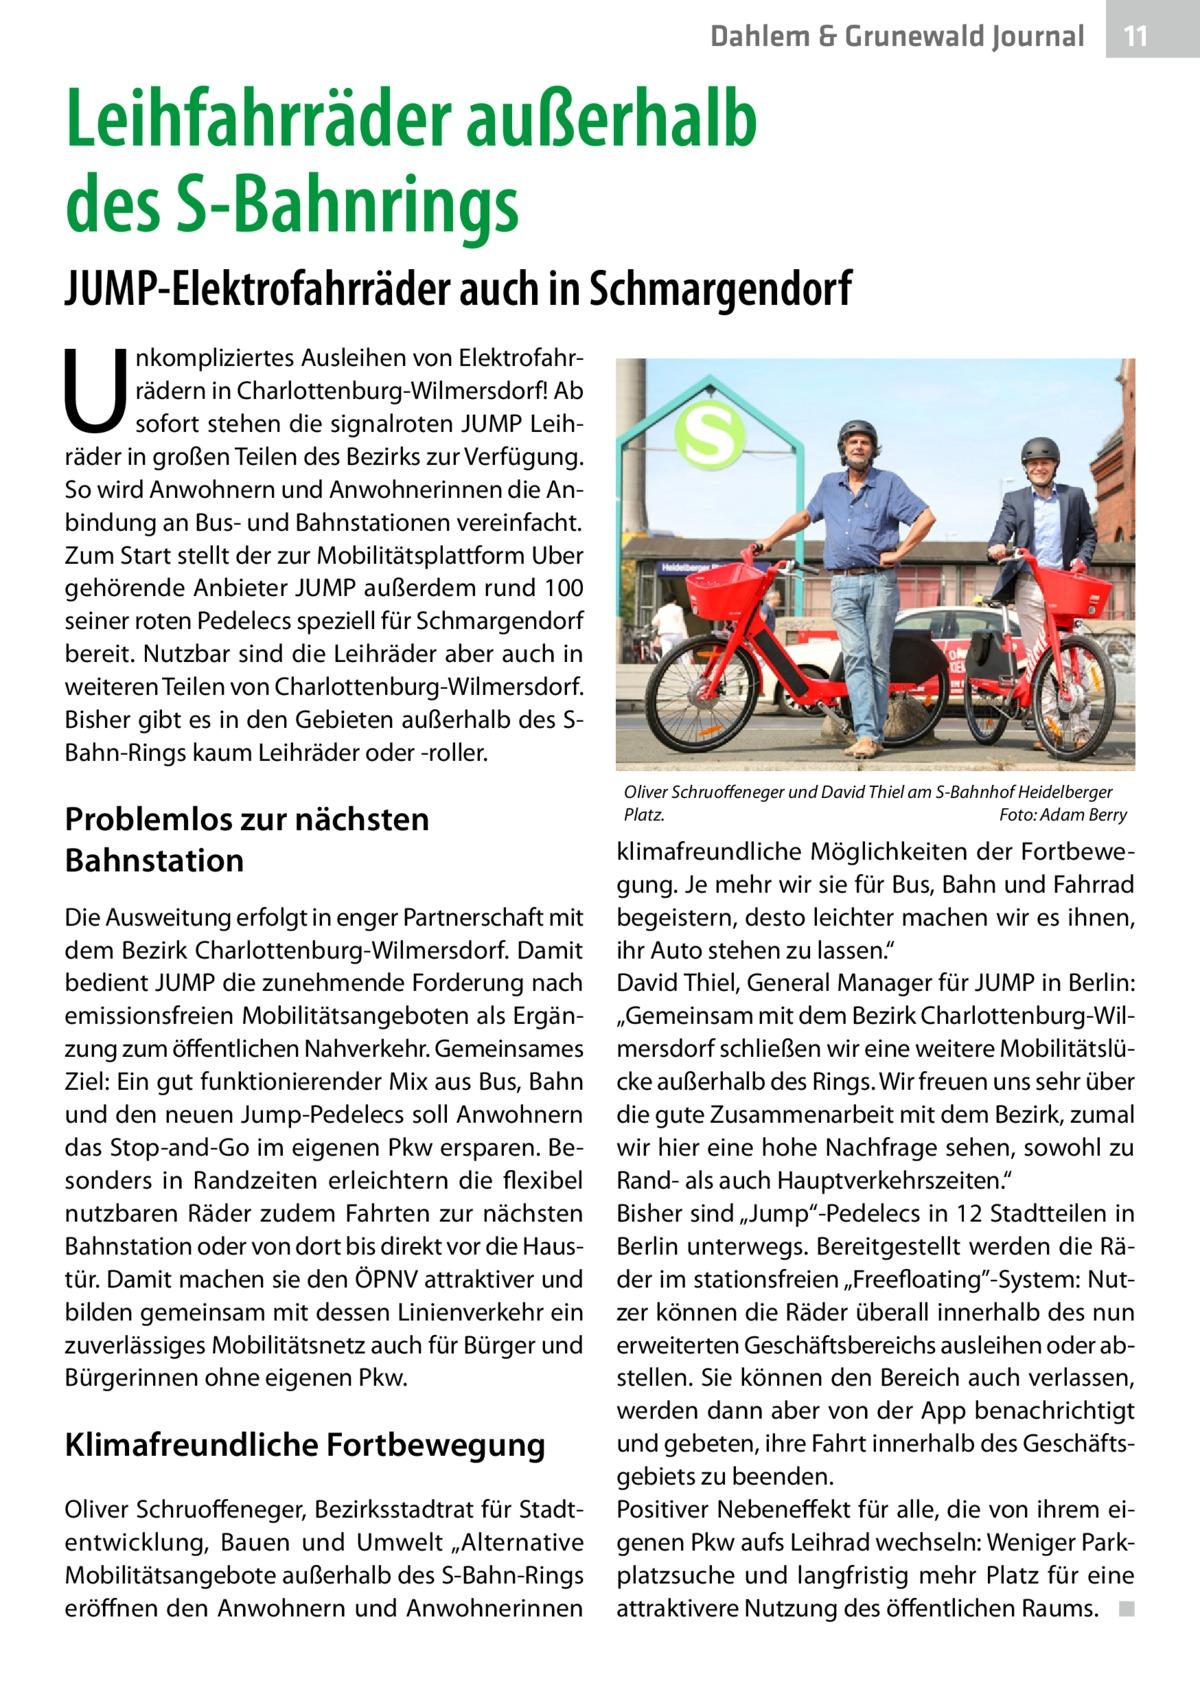 """Dahlem & Grunewald Journal  11 11  Leihfahrräder außerhalb des S-Bahnrings JUMP-Elektrofahrräder auch in Schmargendorf  U  nkompliziertes Ausleihen von Elektrofahrrädern in Charlottenburg-Wilmersdorf! Ab sofort stehen die signalroten JUMP Leihräder in großen Teilen des Bezirks zur Verfügung. So wird Anwohnern und Anwohnerinnen die Anbindung an Bus- und Bahnstationen vereinfacht. Zum Start stellt der zur Mobilitätsplattform Uber gehörende Anbieter JUMP außerdem rund 100 seiner roten Pedelecs speziell für Schmargendorf bereit. Nutzbar sind die Leihräder aber auch in weiteren Teilen von Charlottenburg-Wilmersdorf. Bisher gibt es in den Gebieten außerhalb des SBahn-Rings kaum Leihräder oder -roller.  Problemlos zur nächsten Bahnstation Die Ausweitung erfolgt in enger Partnerschaft mit dem Bezirk Charlottenburg-Wilmersdorf. Damit bedient JUMP die zunehmende Forderung nach emissionsfreien Mobilitätsangeboten als Ergänzung zum öffentlichen Nahverkehr. Gemeinsames Ziel: Ein gut funktionierender Mix aus Bus, Bahn und den neuen Jump-Pedelecs soll Anwohnern das Stop-and-Go im eigenen Pkw ersparen. Besonders in Randzeiten erleichtern die flexibel nutzbaren Räder zudem Fahrten zur nächsten Bahnstation oder von dort bis direkt vor die Haustür. Damit machen sie den ÖPNV attraktiver und bilden gemeinsam mit dessen Linienverkehr ein zuverlässiges Mobilitätsnetz auch für Bürger und Bürgerinnen ohne eigenen Pkw.  Klimafreundliche Fortbewegung Oliver Schruoffeneger, Bezirksstadtrat für Stadtentwicklung, Bauen und Umwelt """"Alternative Mobilitätsangebote außerhalb des S-Bahn-Rings eröffnen den Anwohnern und Anwohnerinnen  Oliver Schruoffeneger und David Thiel am S-Bahnhof Heidelberger Platz.� Foto: Adam Berry  klimafreundliche Möglichkeiten der Fortbewegung. Je mehr wir sie für Bus, Bahn und Fahrrad begeistern, desto leichter machen wir es ihnen, ihr Auto stehen zu lassen."""" David Thiel, General Manager für JUMP in Berlin: """"Gemeinsam mit dem Bezirk Charlottenburg-Wilmersdorf schließen wir """